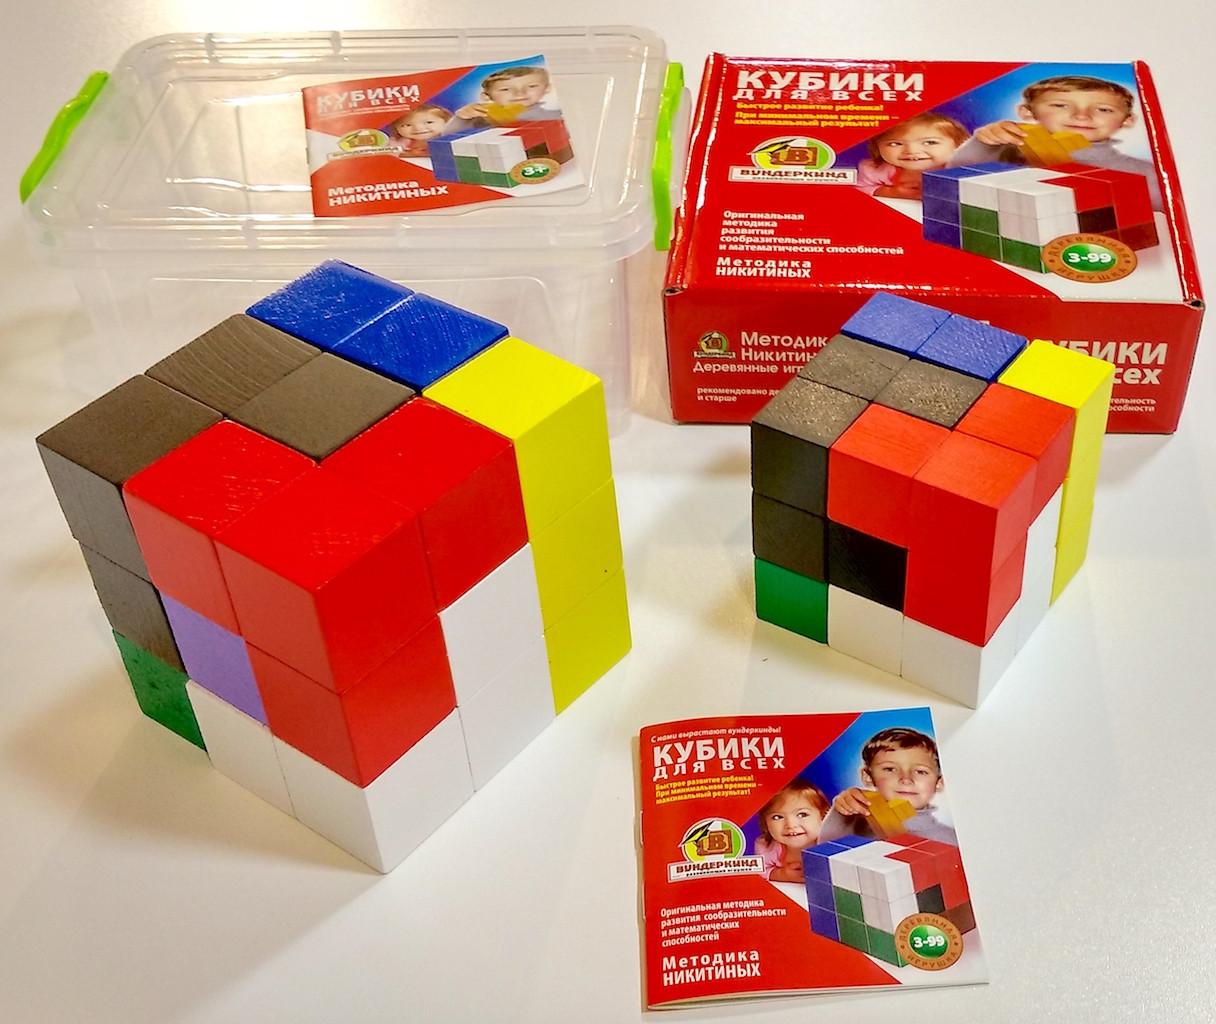 Конструктор-головоломка Кубики для всех. БОЛЬШИЕ КУБИКИ 4х4см